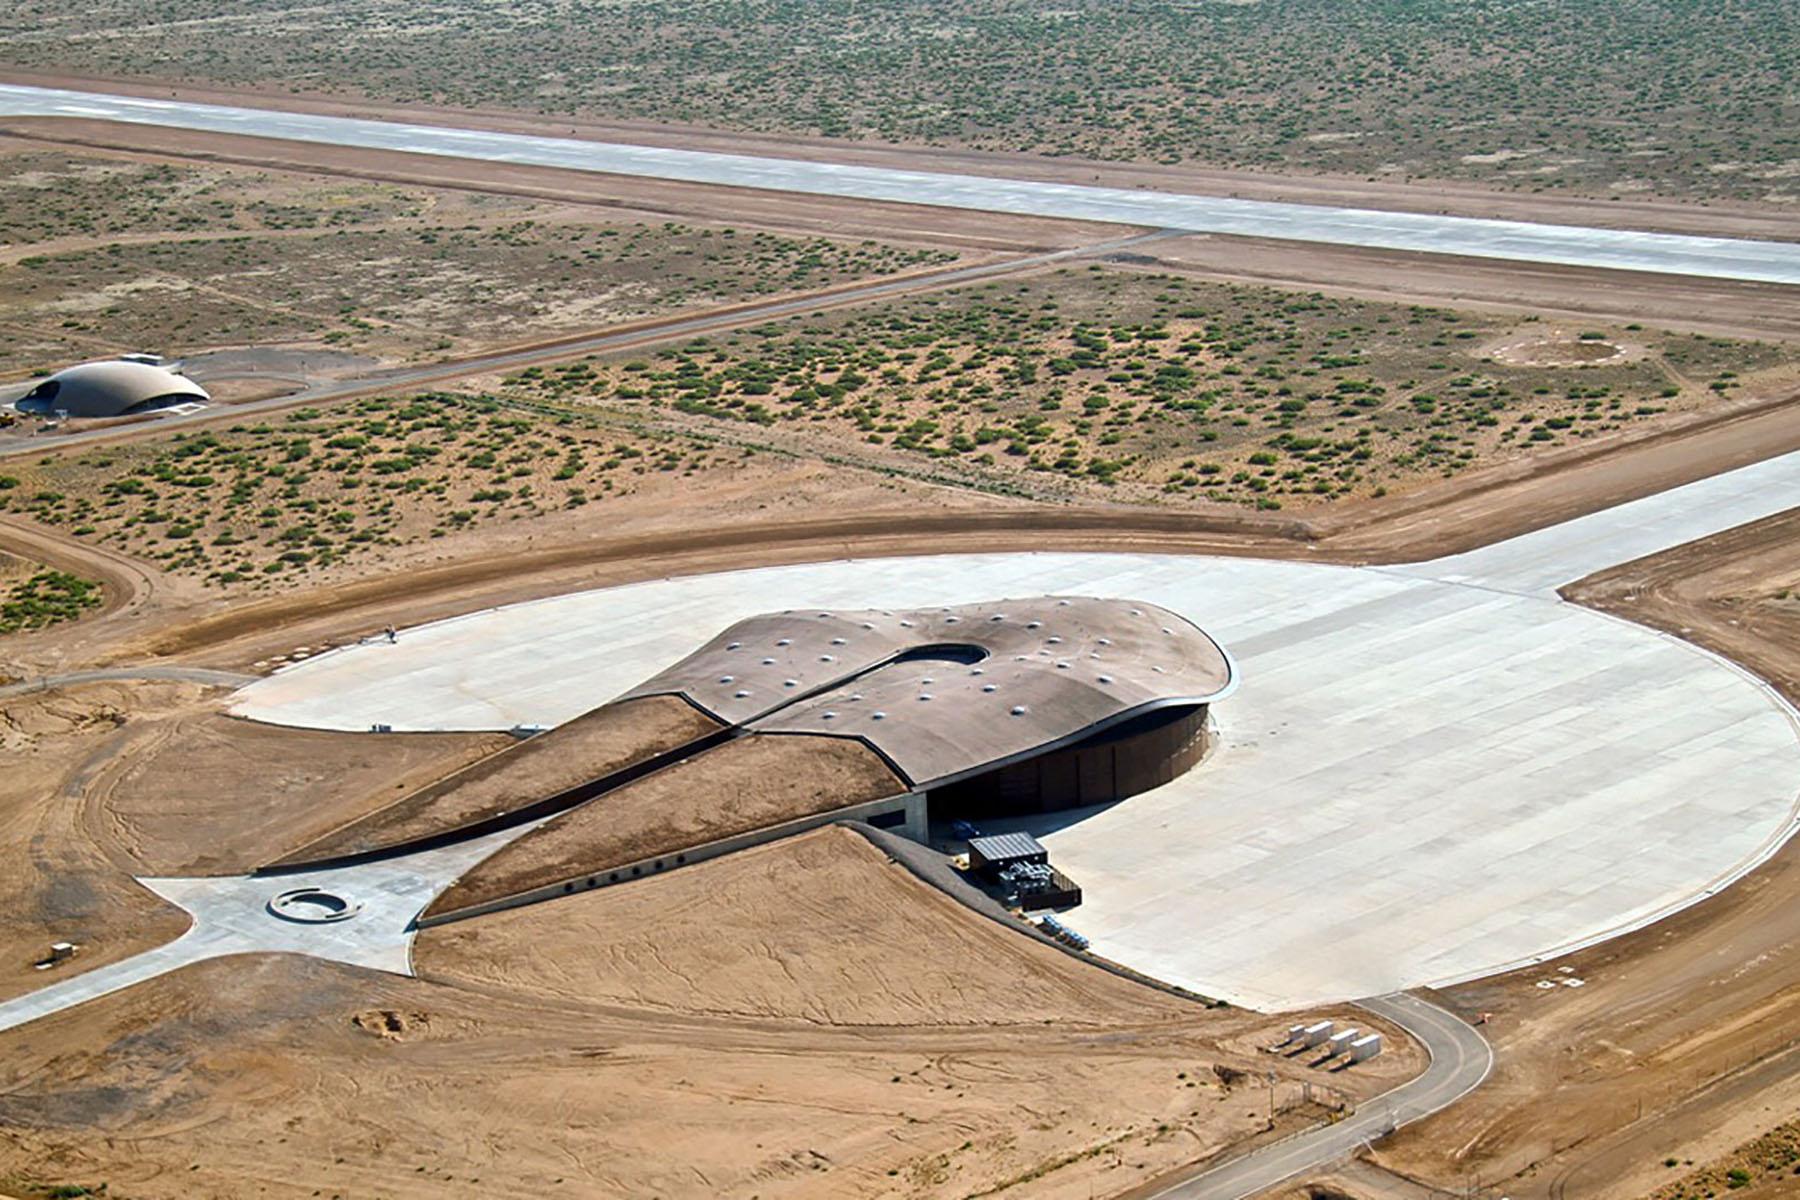 Spaceport Progressive Roofing